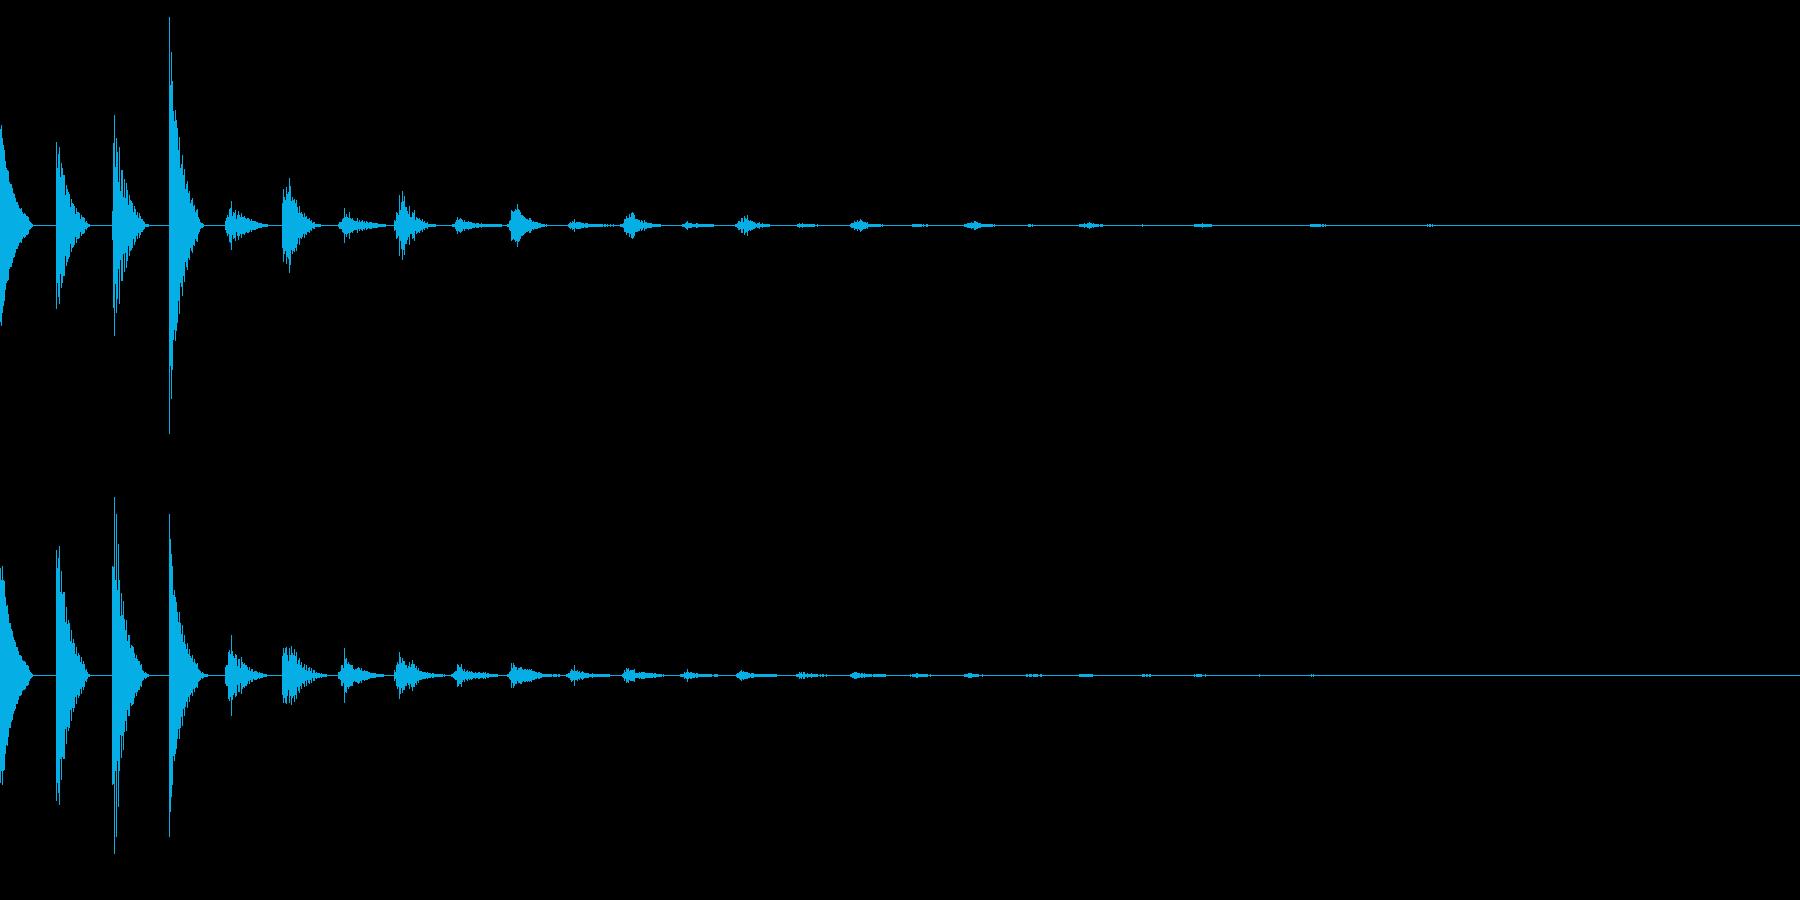 ピコピコSF宇宙なアンビエント/深海#2の再生済みの波形